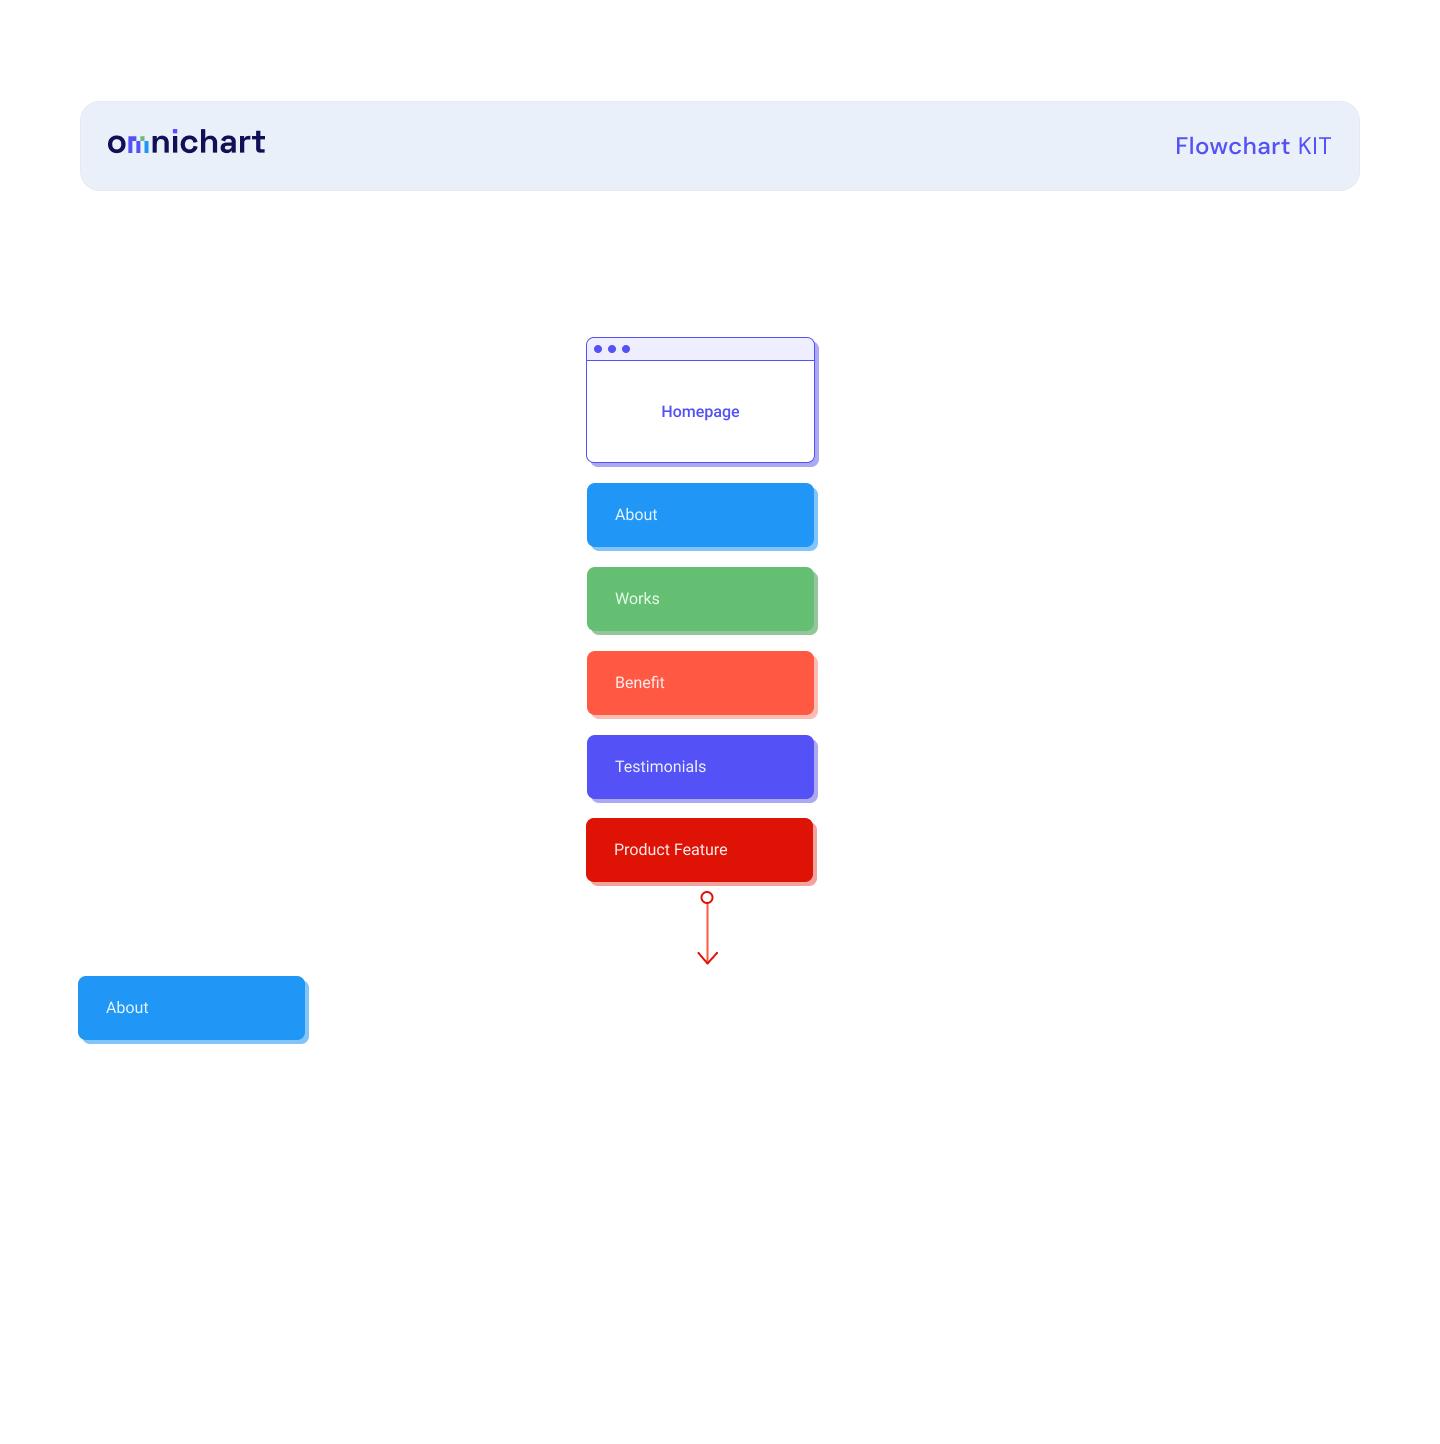 Omnichart-免费用户体验流程图插图6